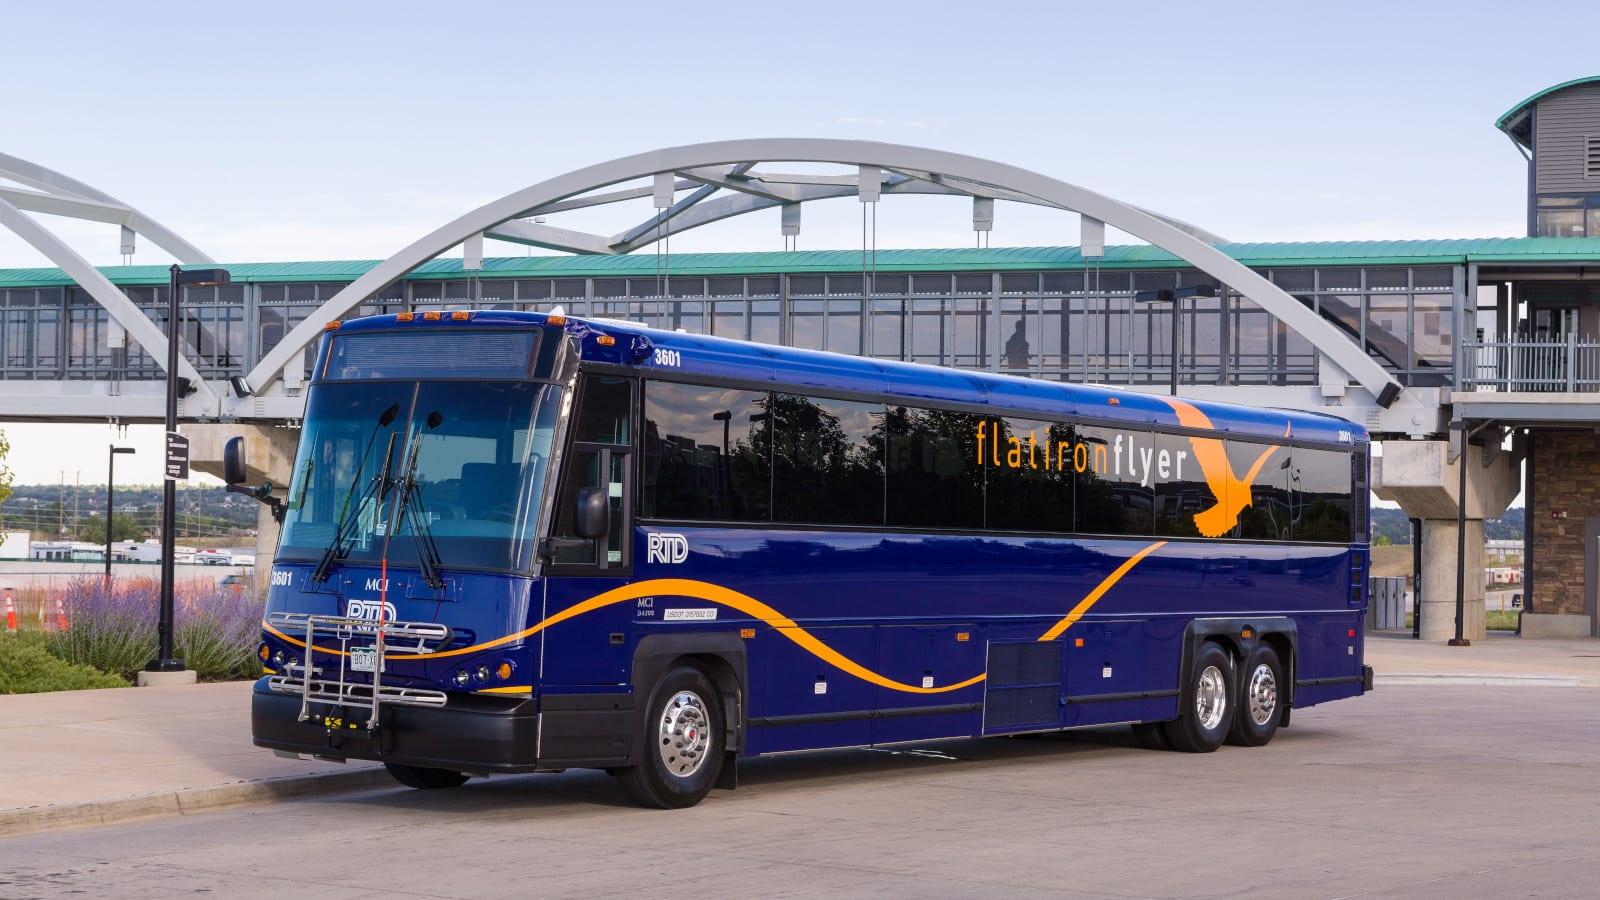 RTD Denver Flatiron Flyer Bus